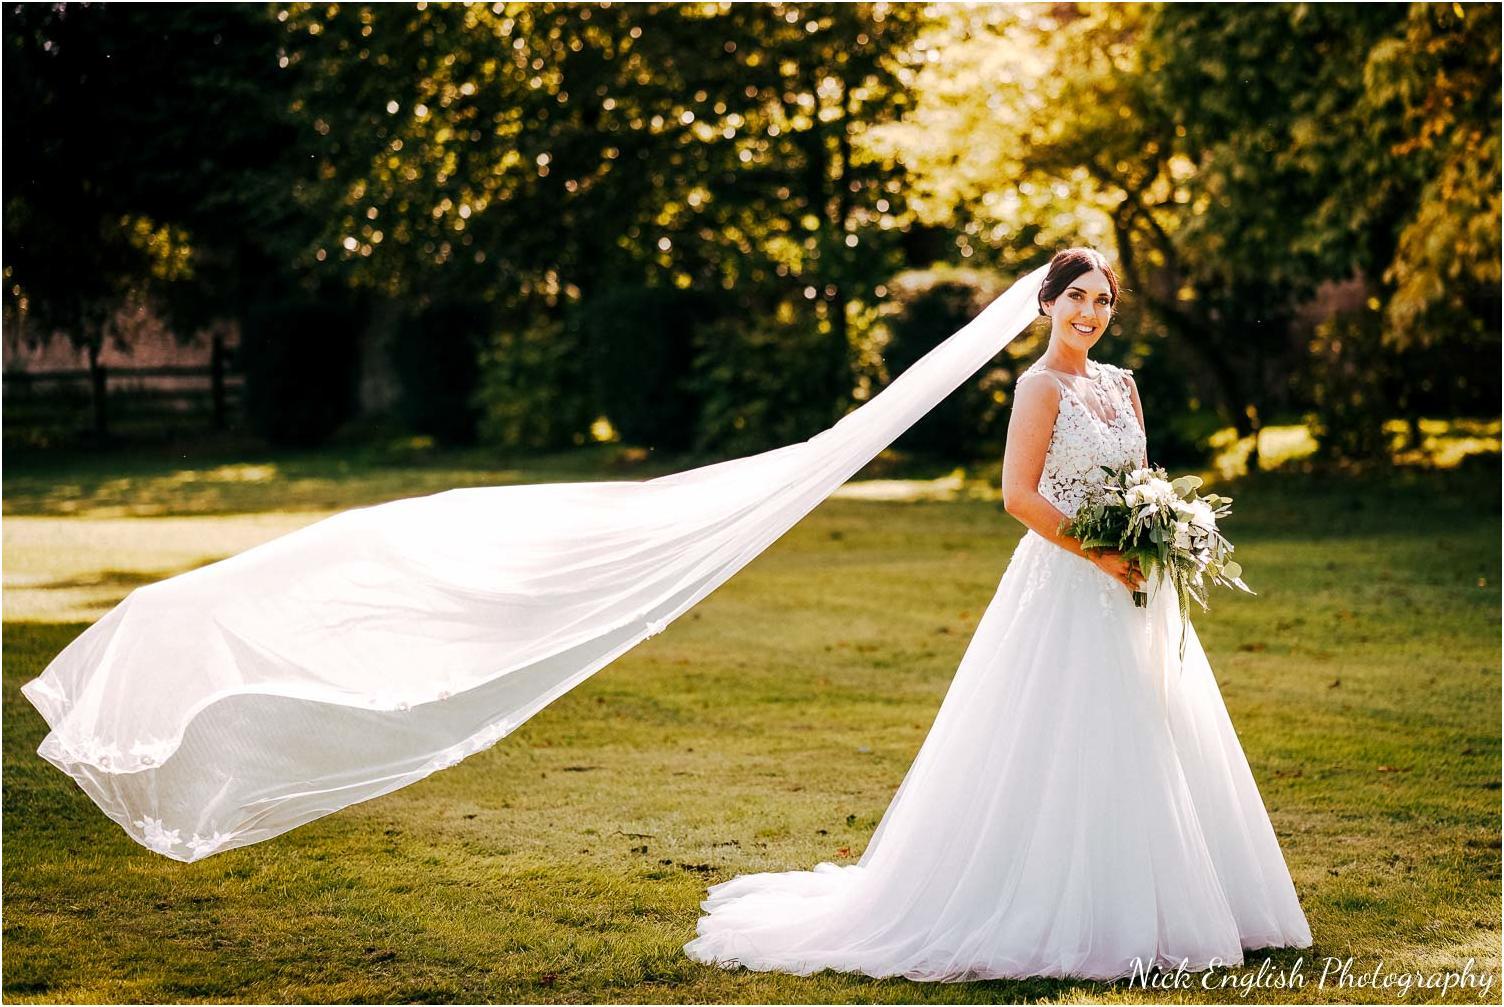 Browsholme_Hall_Barn_Wedding_Nick_English_Photography-98.jpg